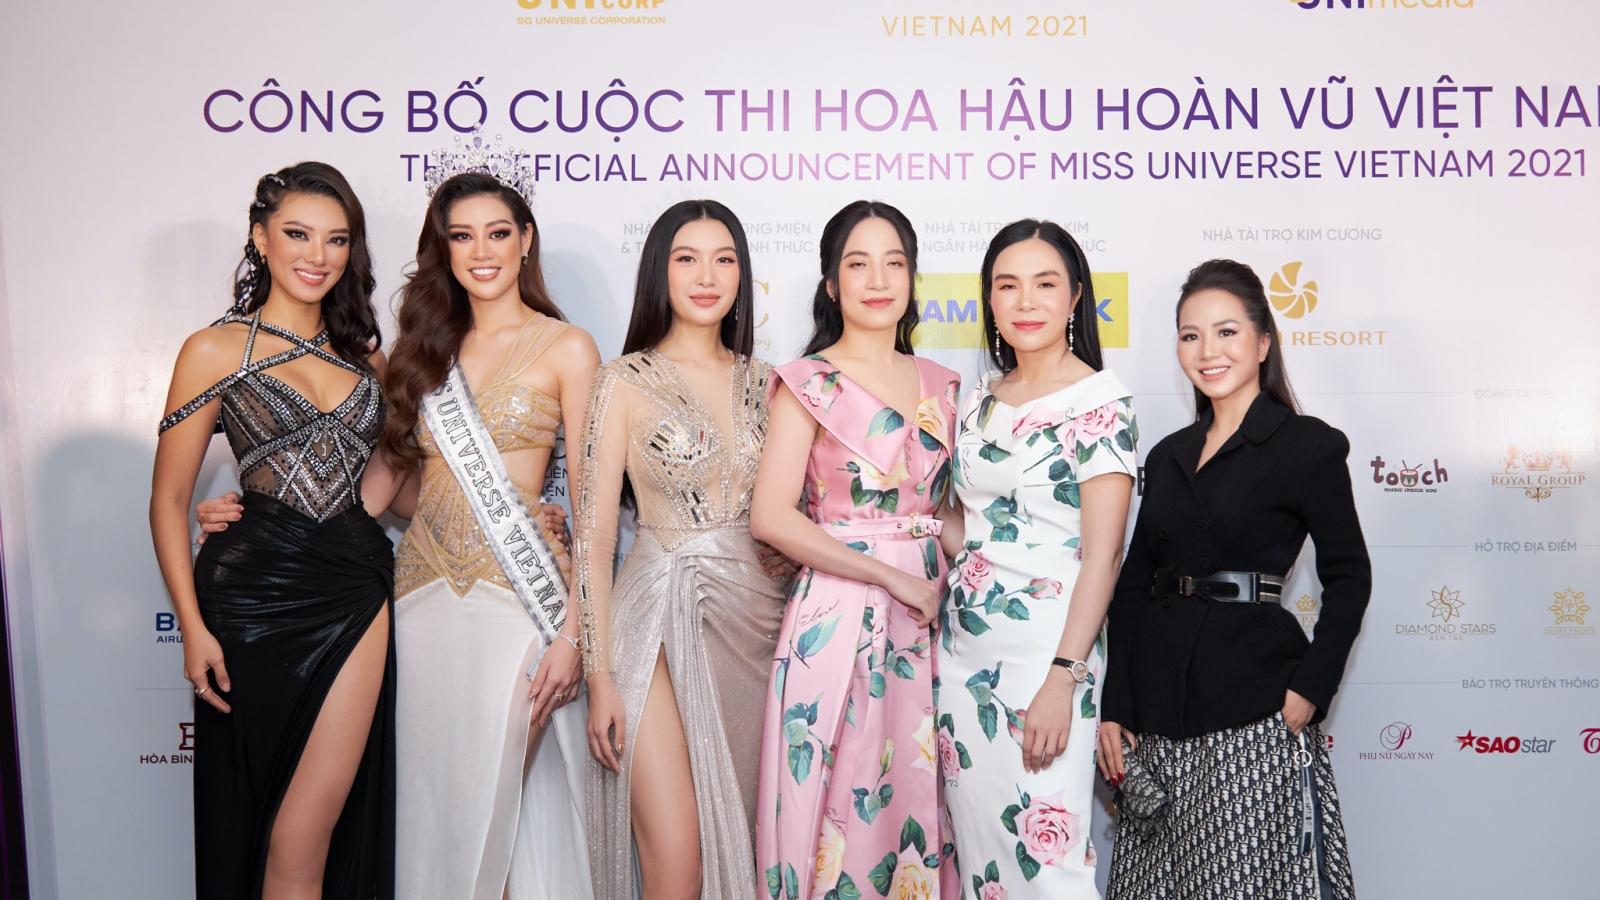 Cuộc thi Hoa hậu Hoàn vũ Việt Nam 2021 nâng tuổi thí sinh lên 27 tuổi